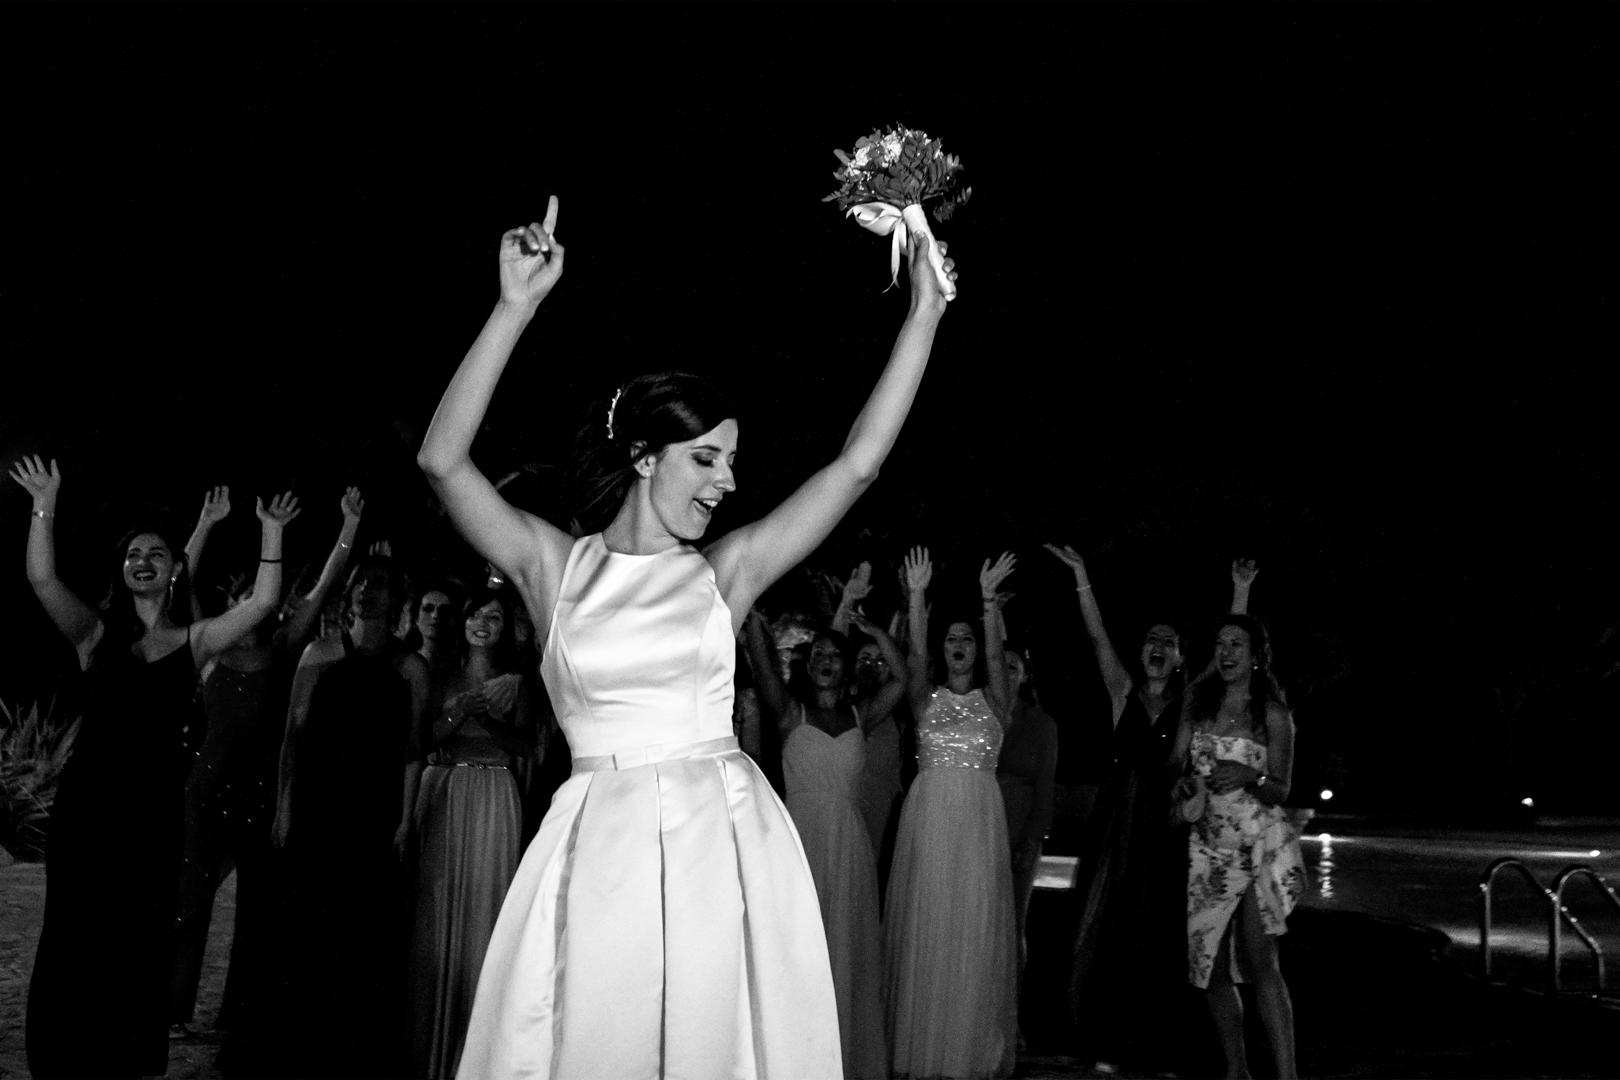 55 gianni-lepore-lancio-bouquet-sposa